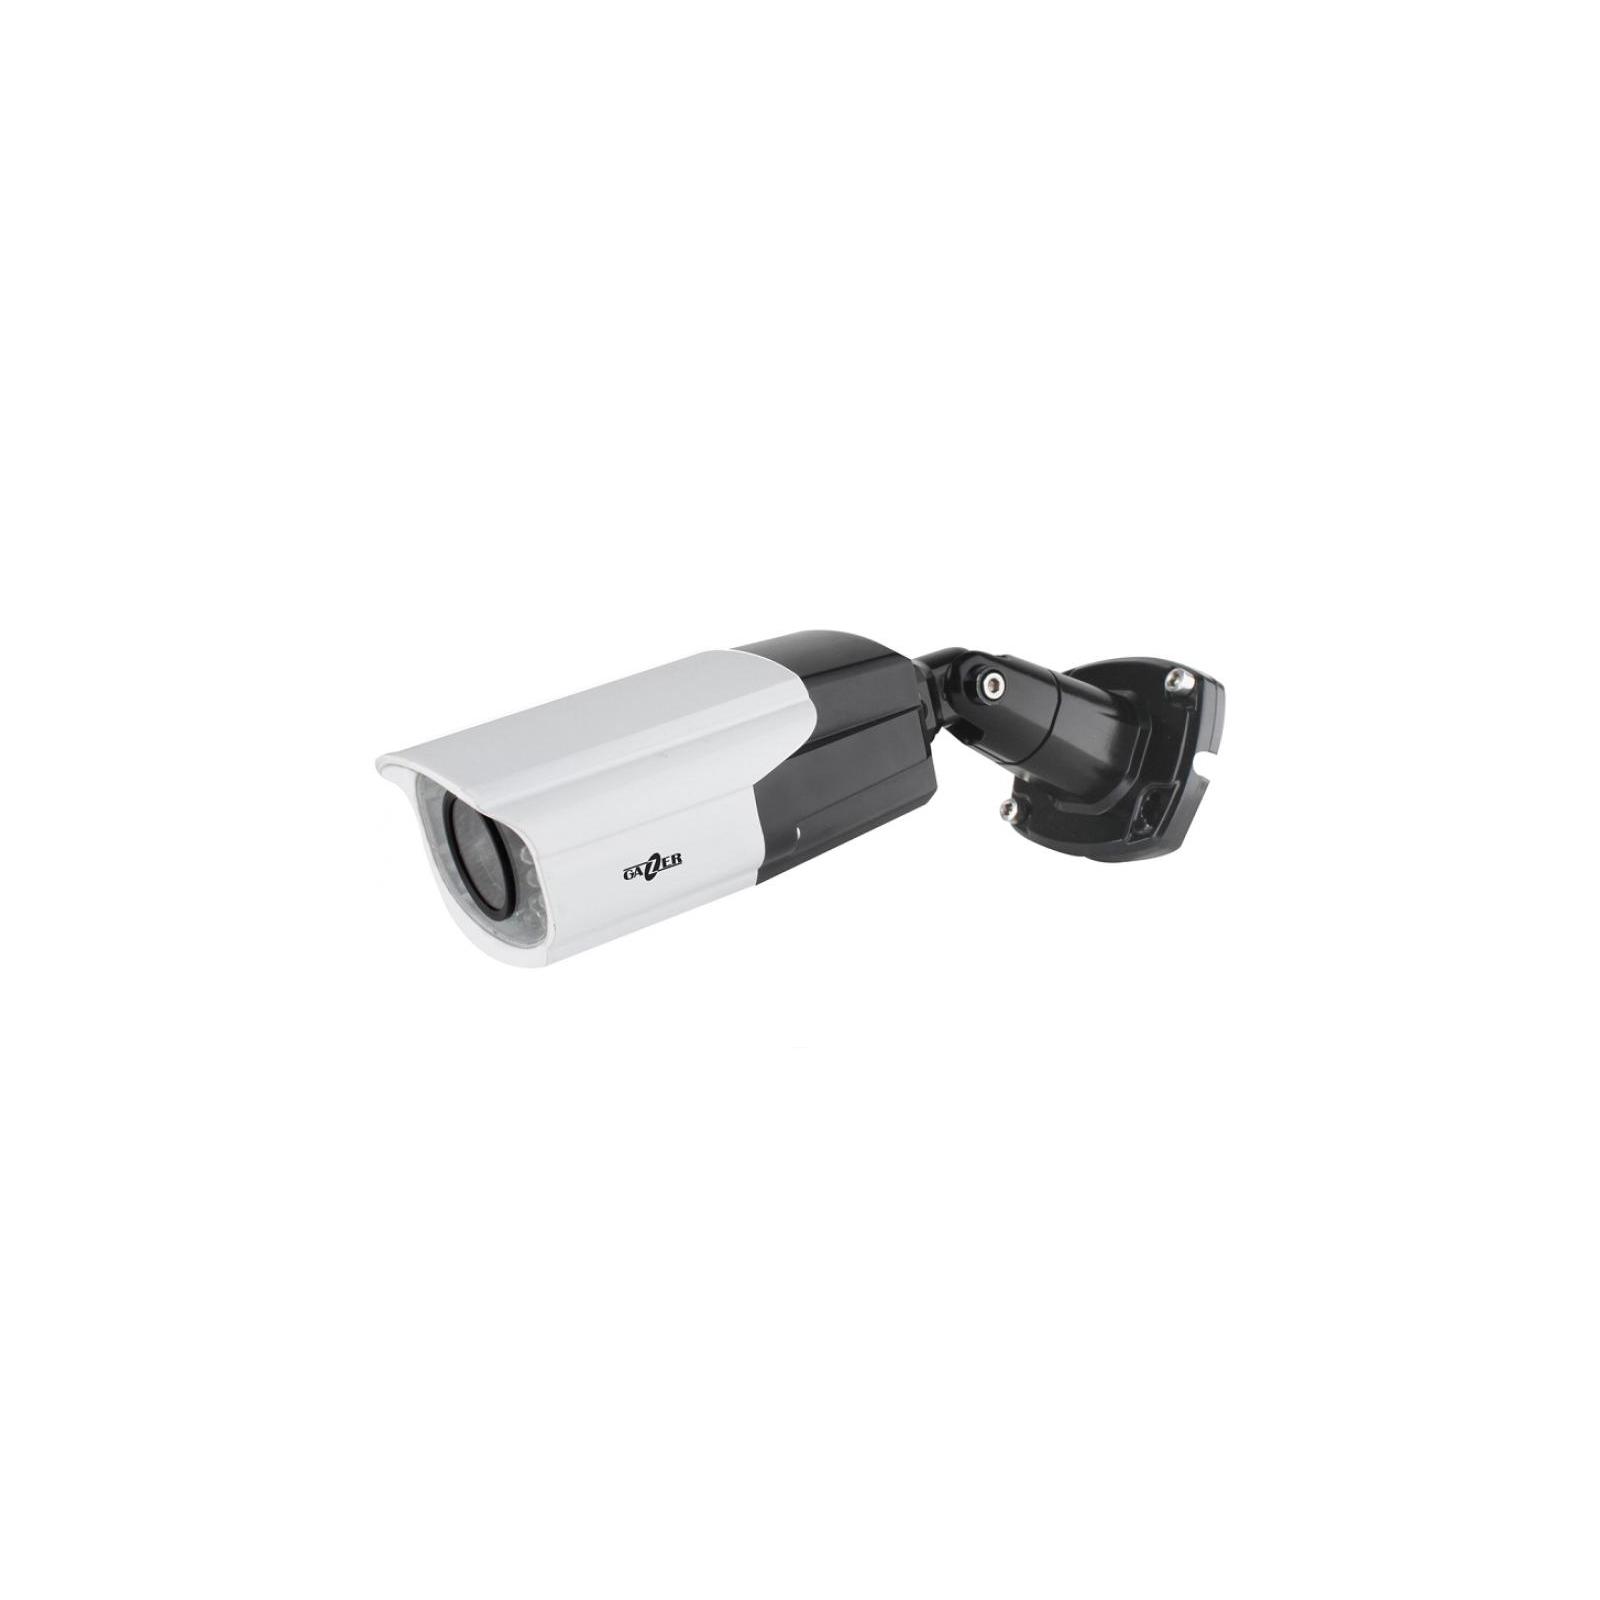 Камера видеонаблюдения Gazer CS216